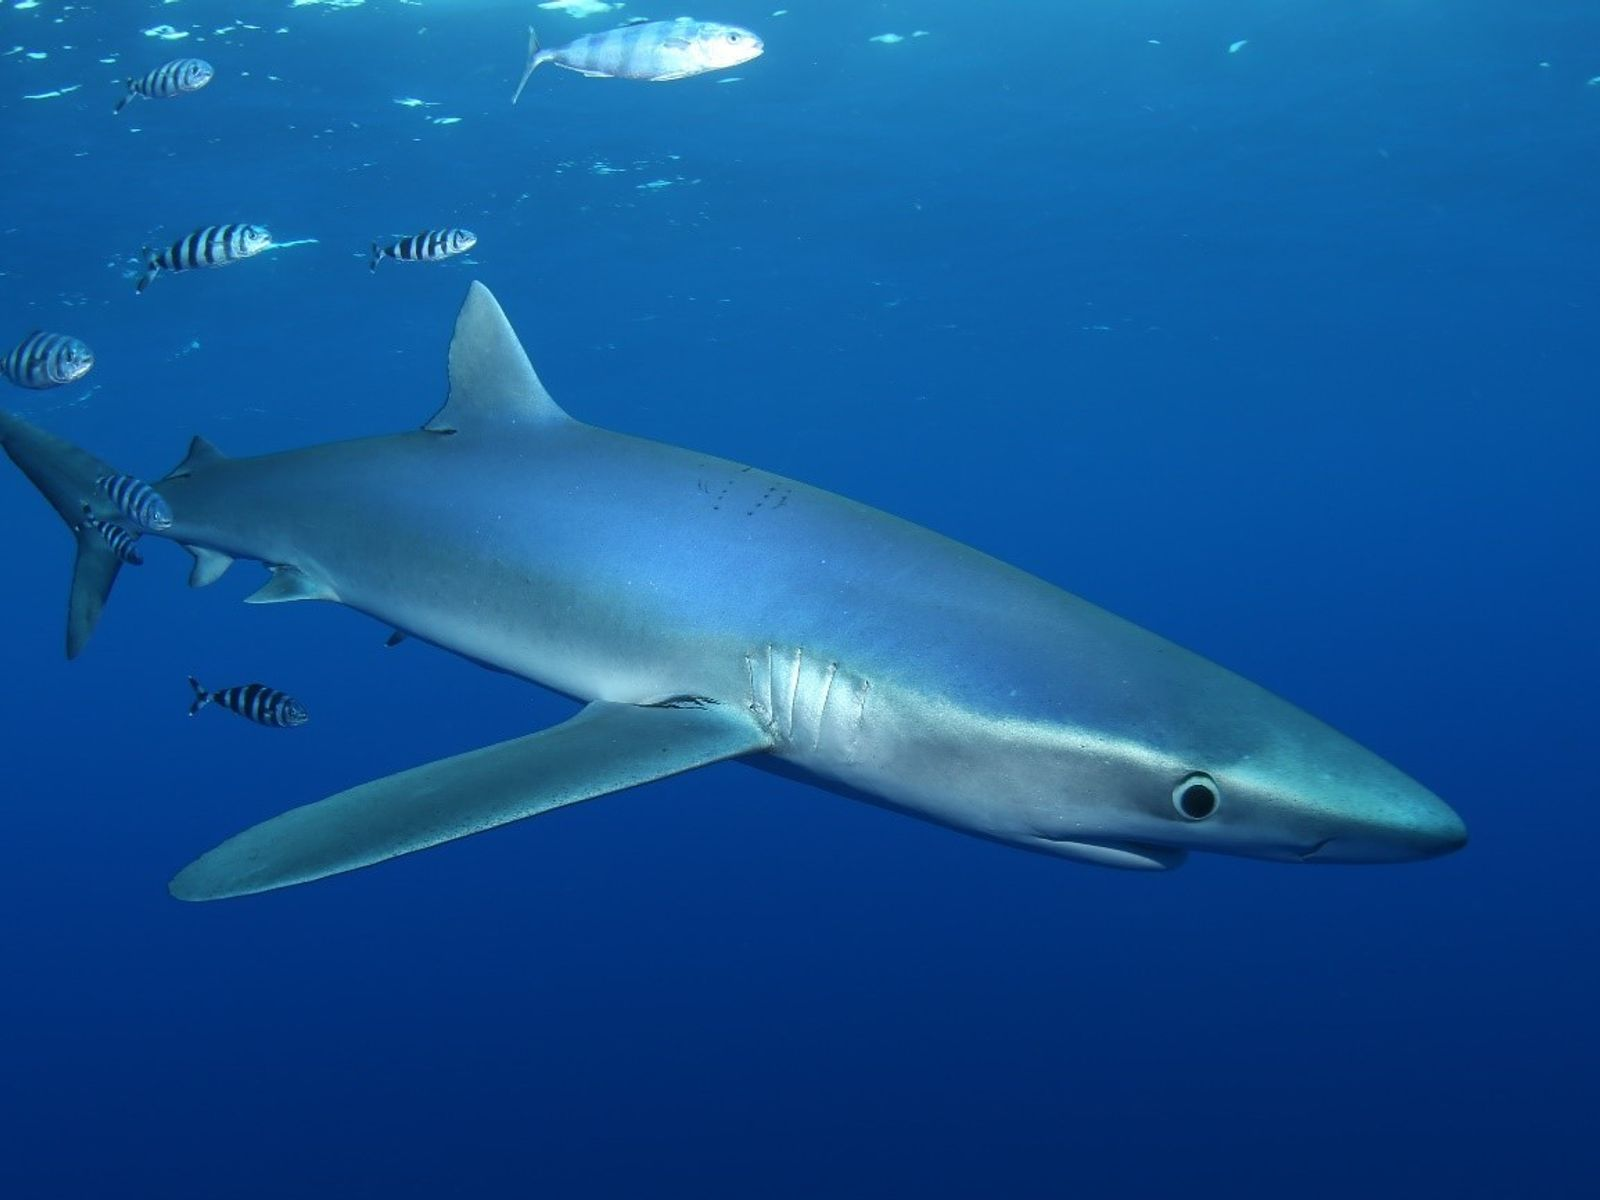 Com barbatanas peitorais longas e um corpo esguio, o tubarão-azul faz lembrar um planador.